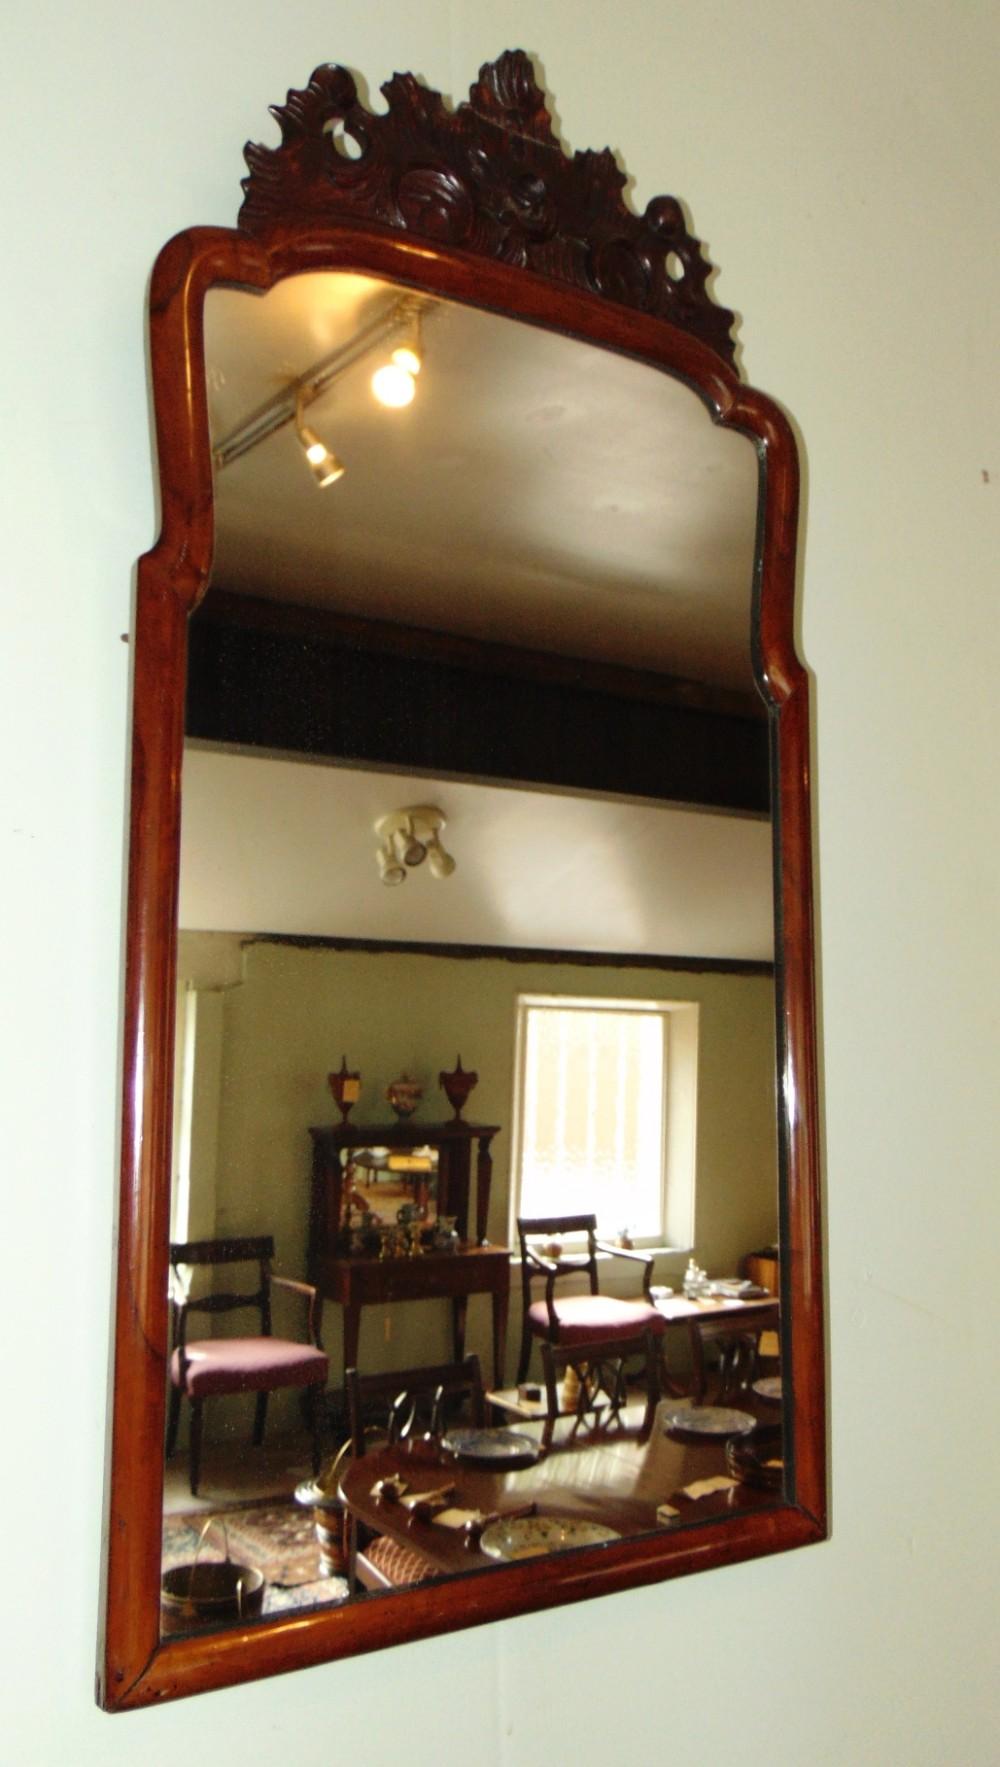 queen anne walnut framed mirror circa 1720